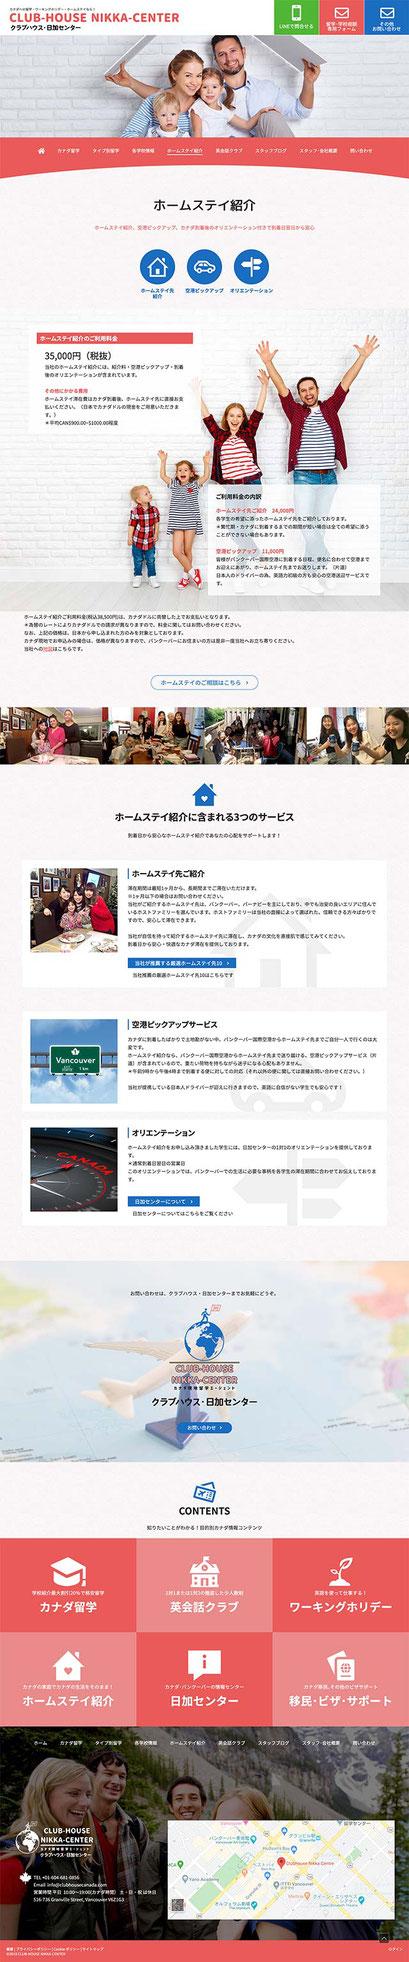 「ホームステイ紹介」ページのPC表示